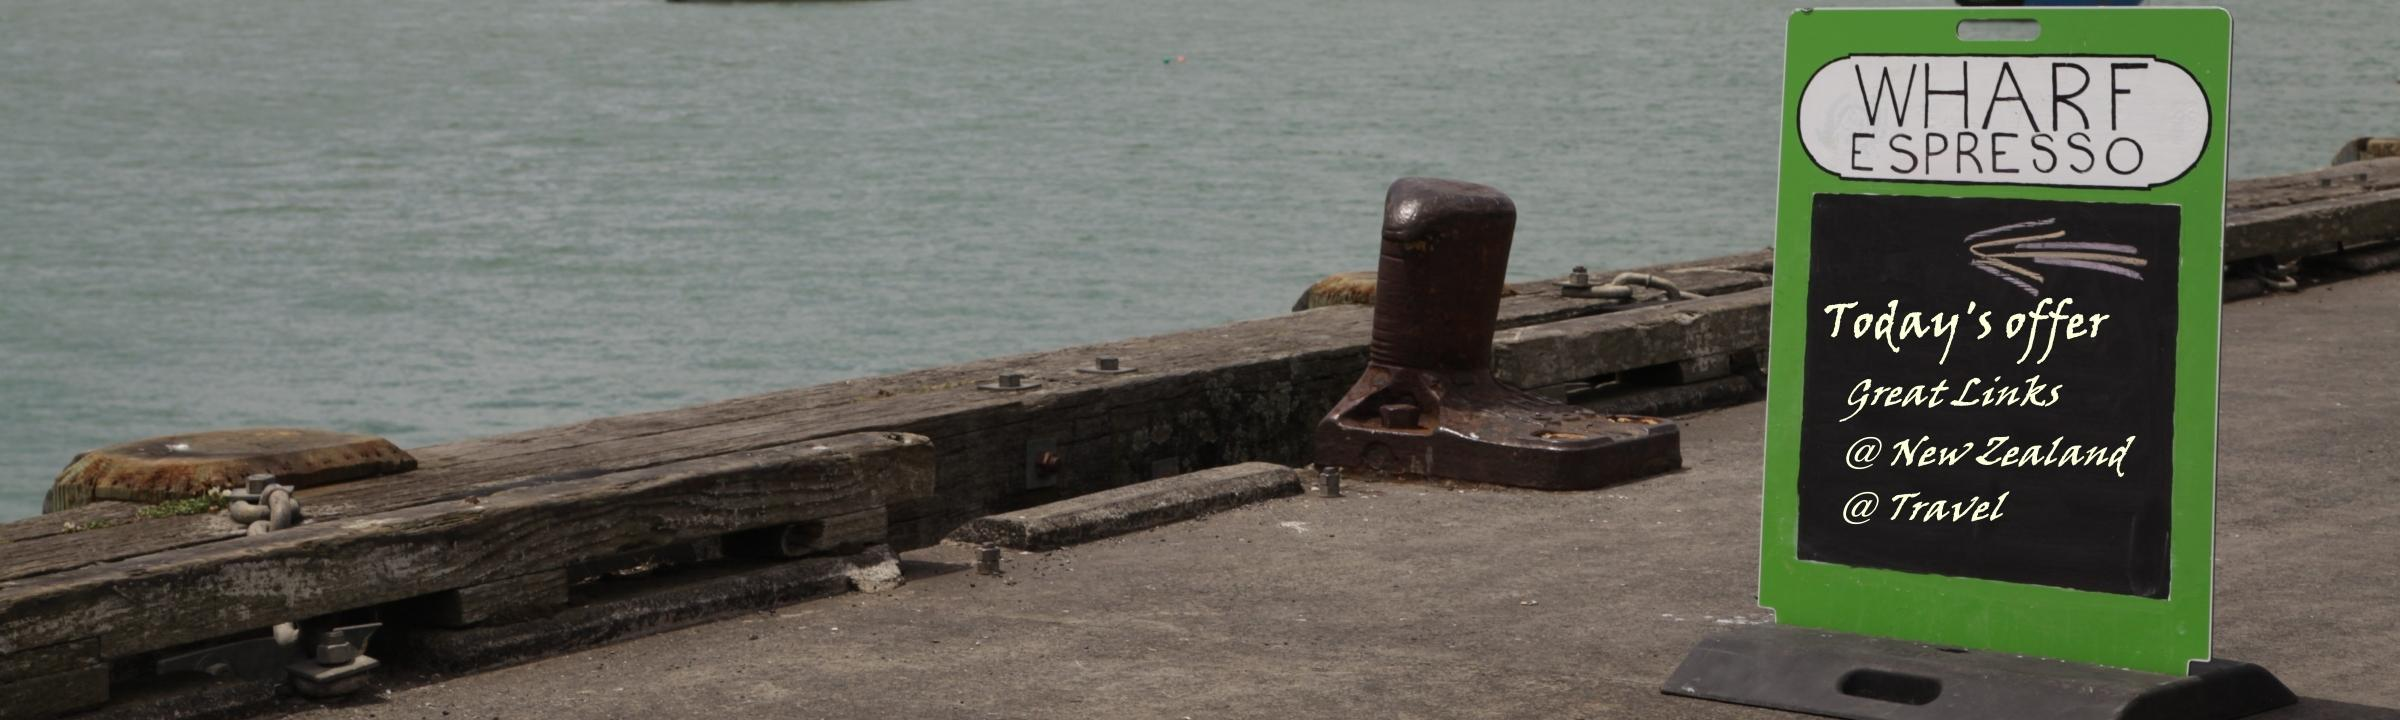 Ausblick von einer Pier auf den See